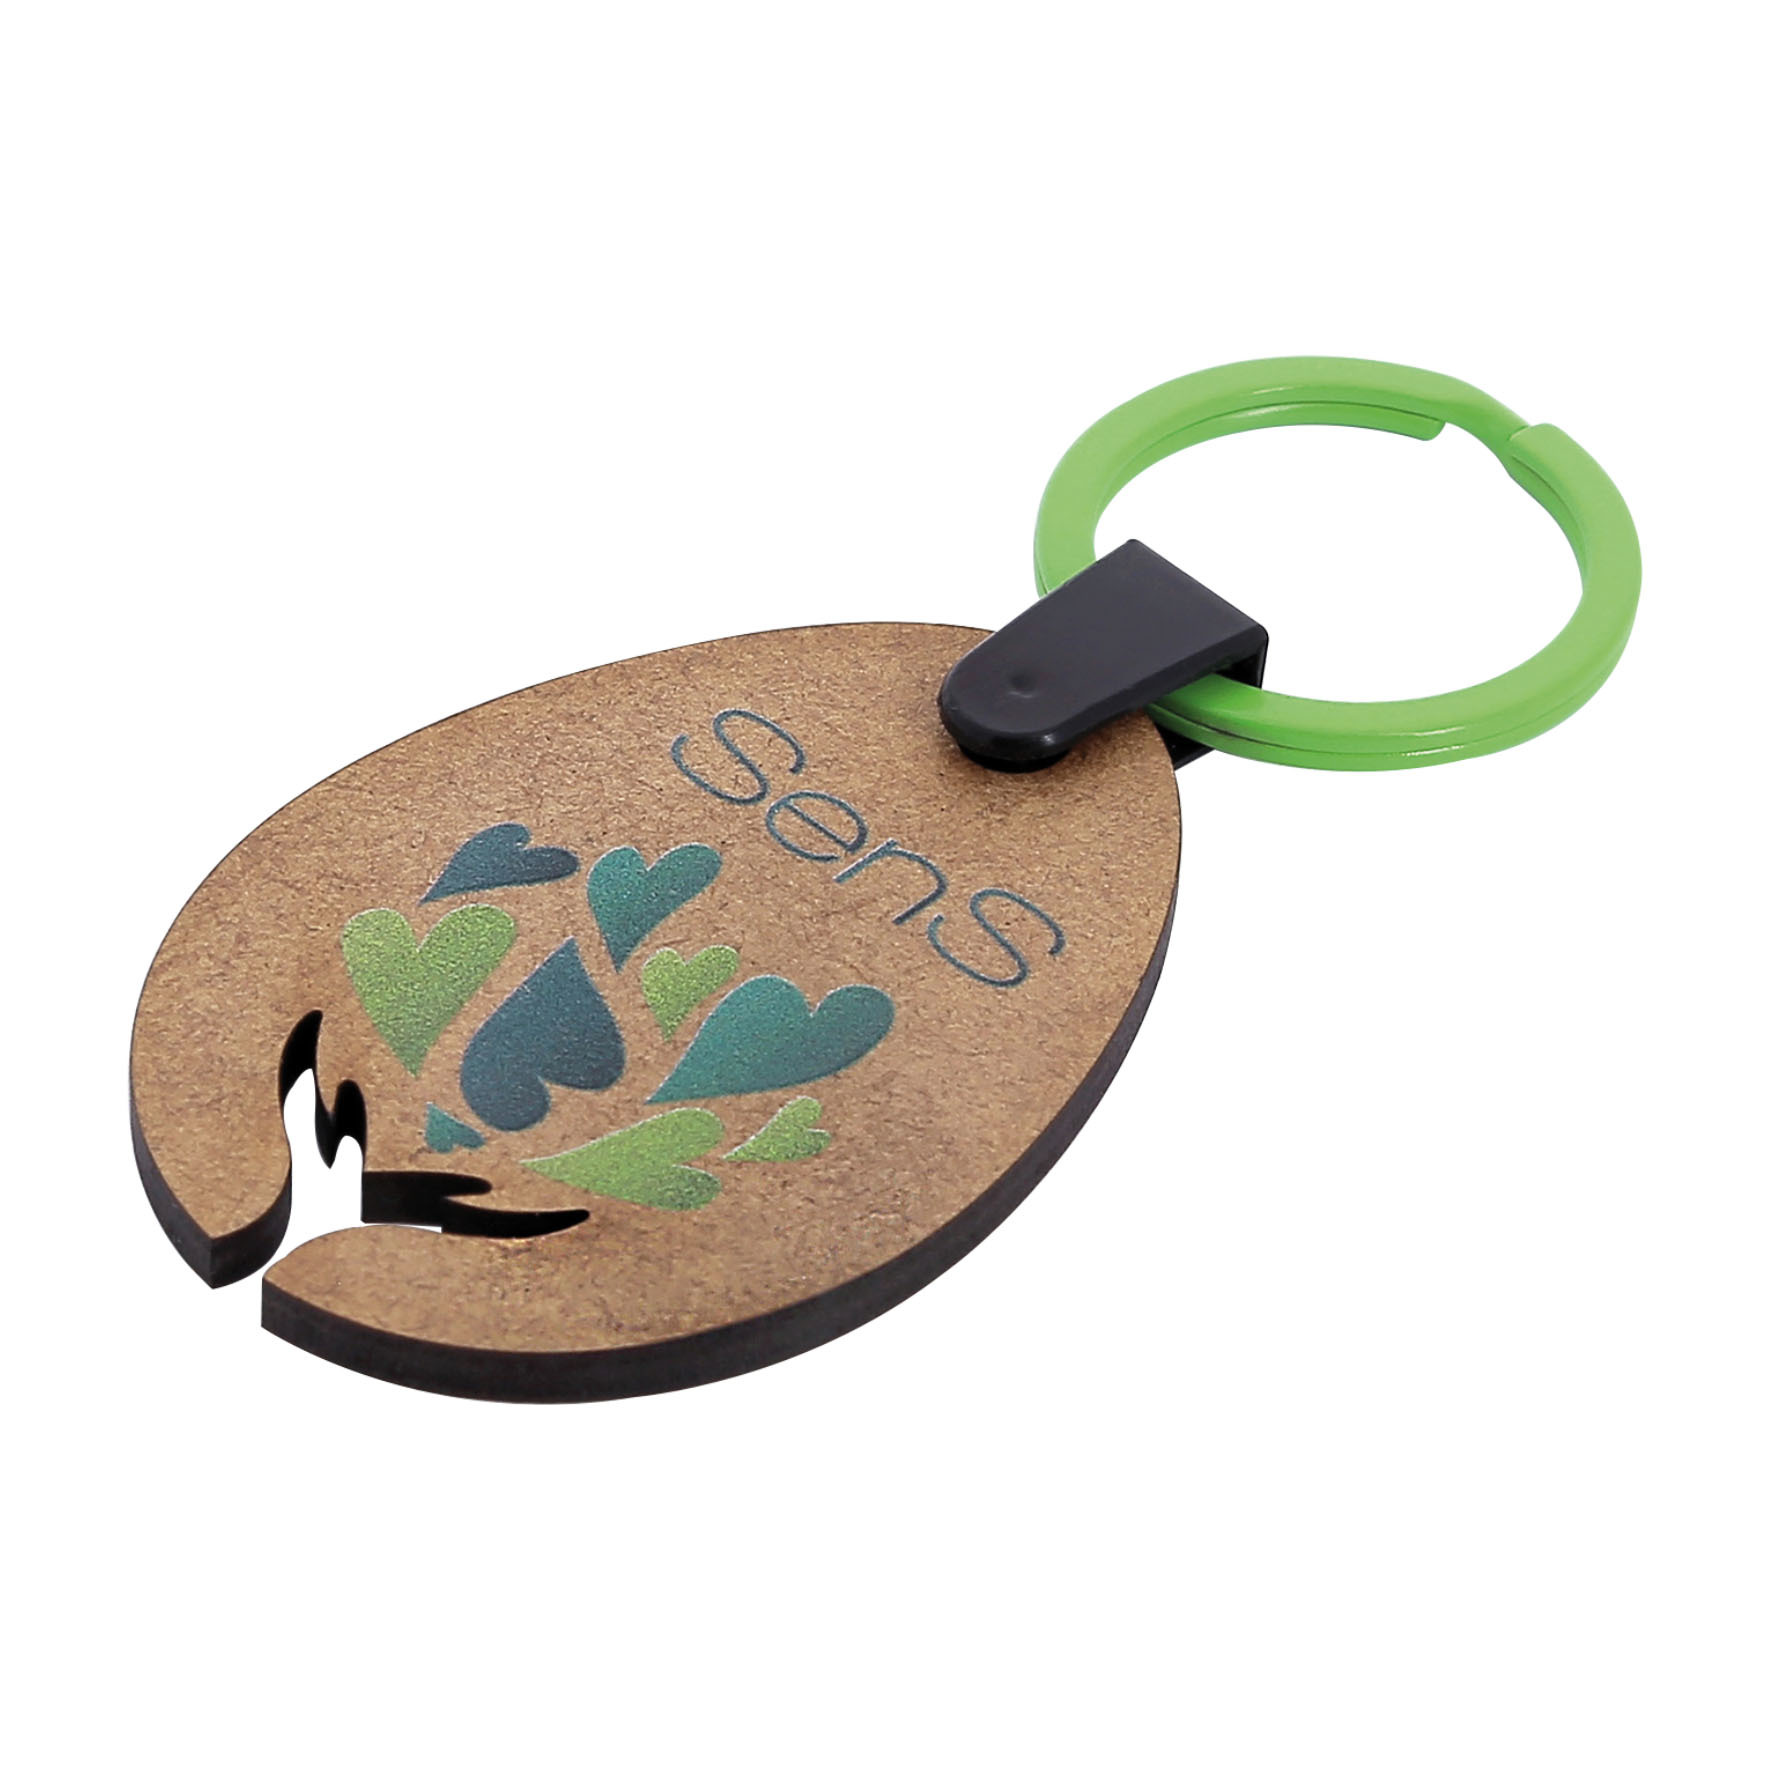 Porte clé en bois - 22-1324-3